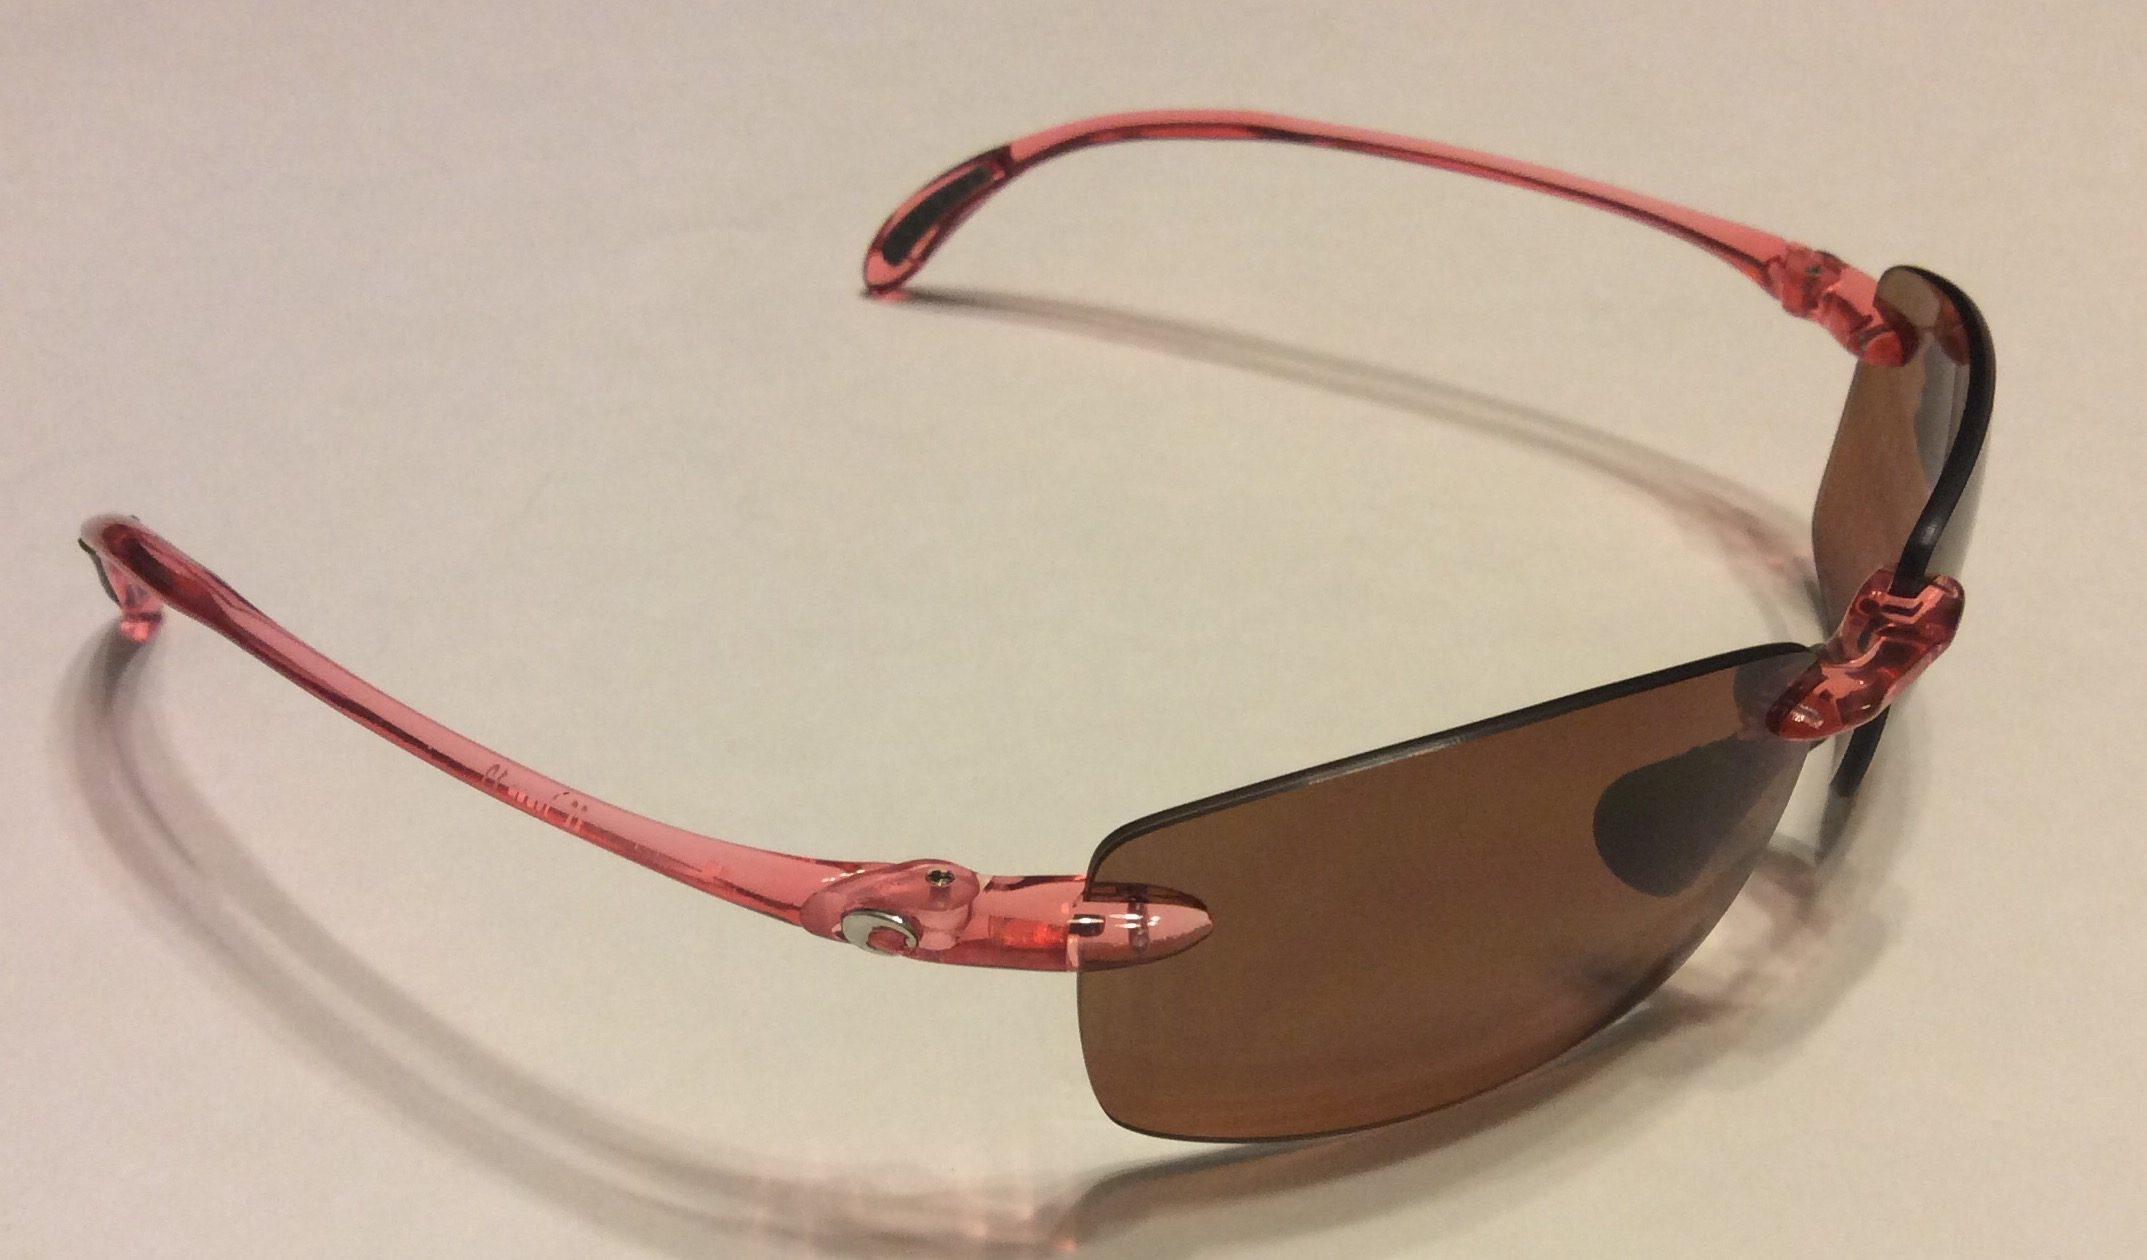 014da3b180c Costa Del Mar Ballast Sunglasses - Conch Shell Pink - POLARIZED Copper 580P